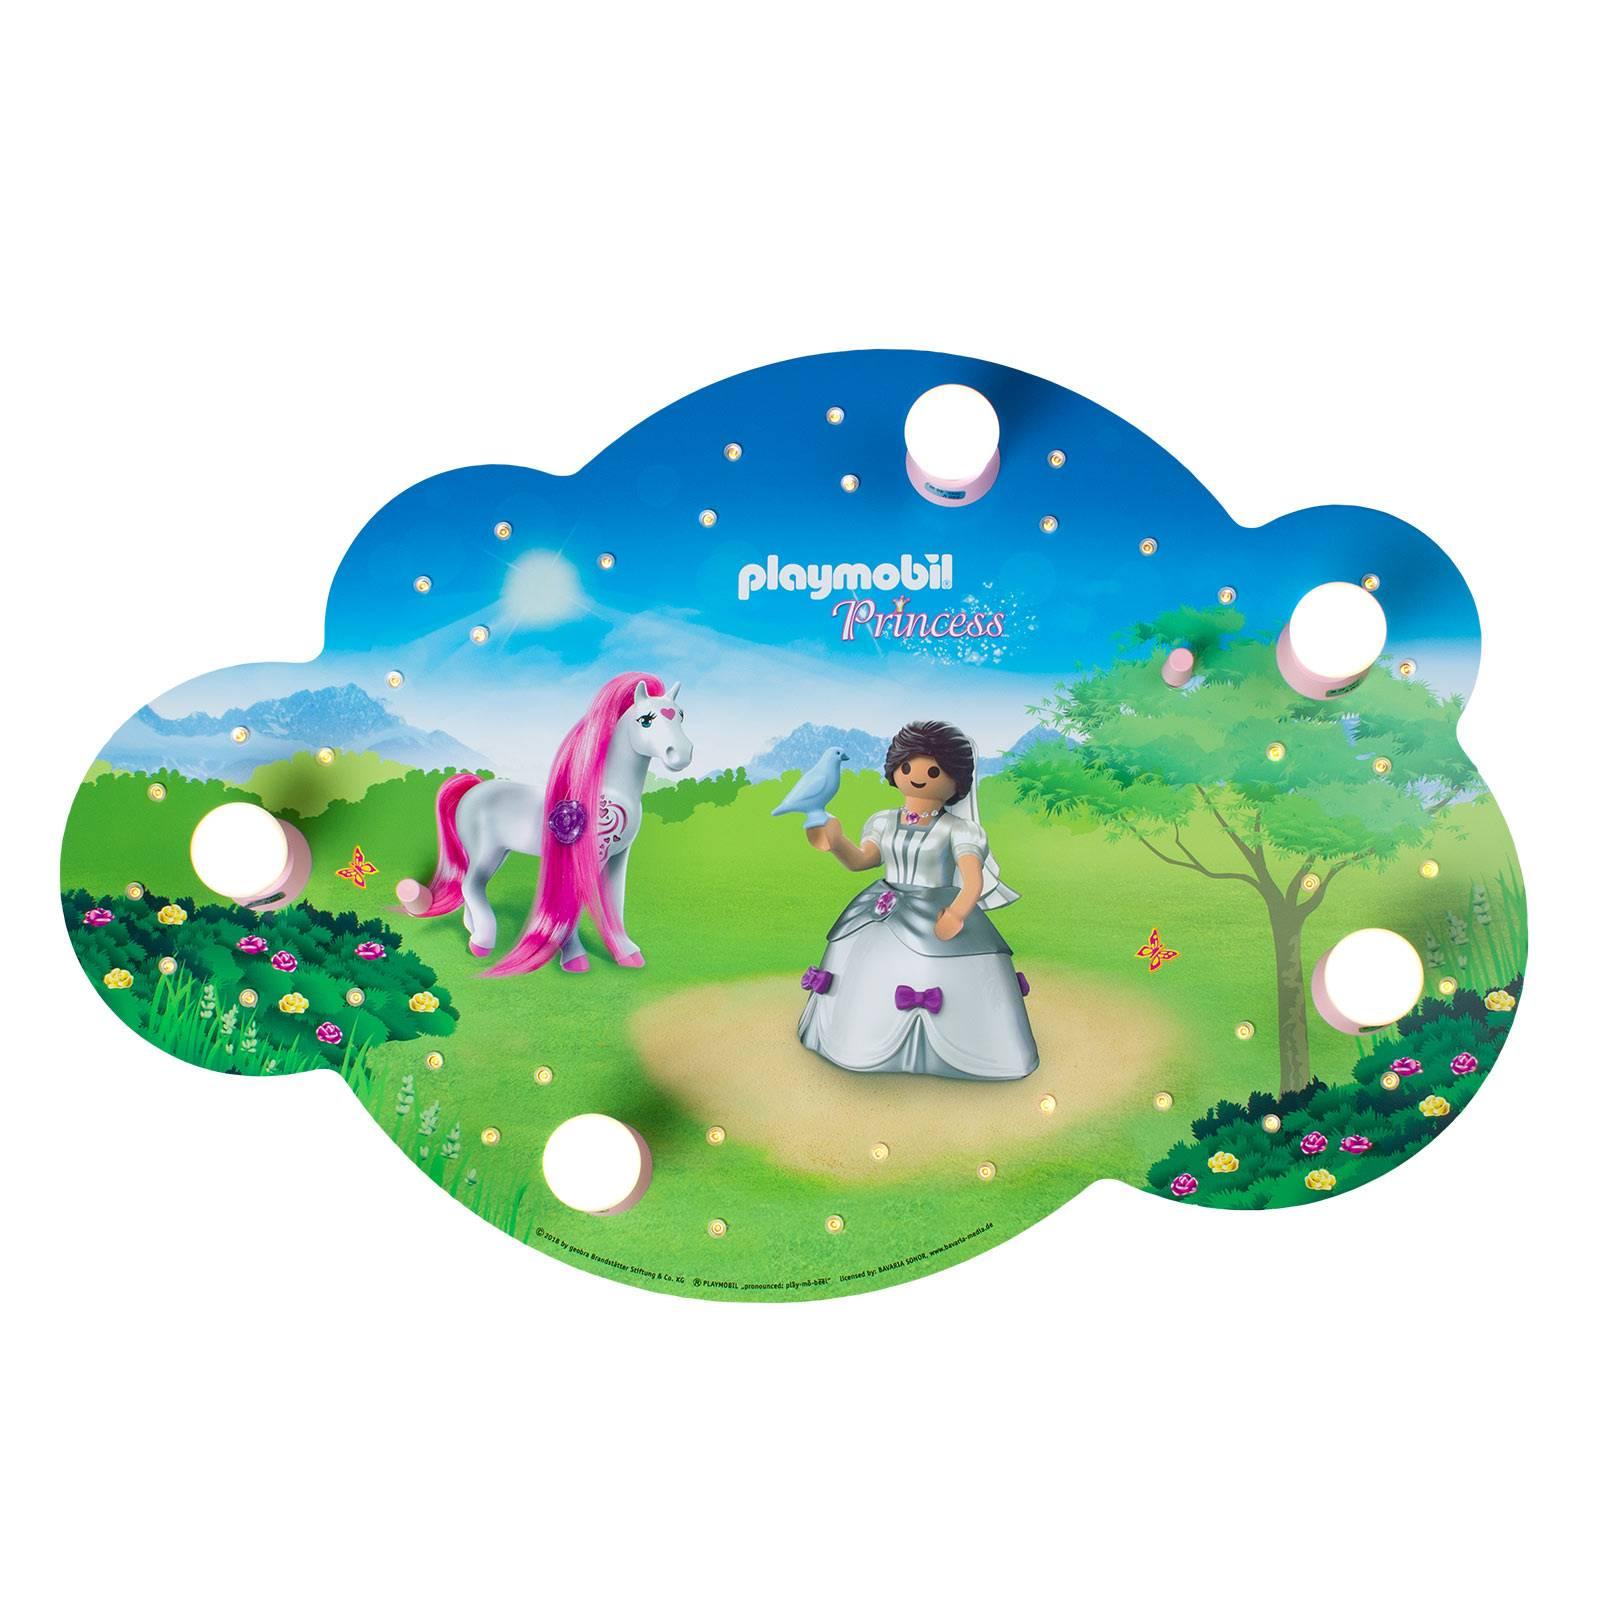 Kattovalaisin PLAYMOBIL Princess, pilvi